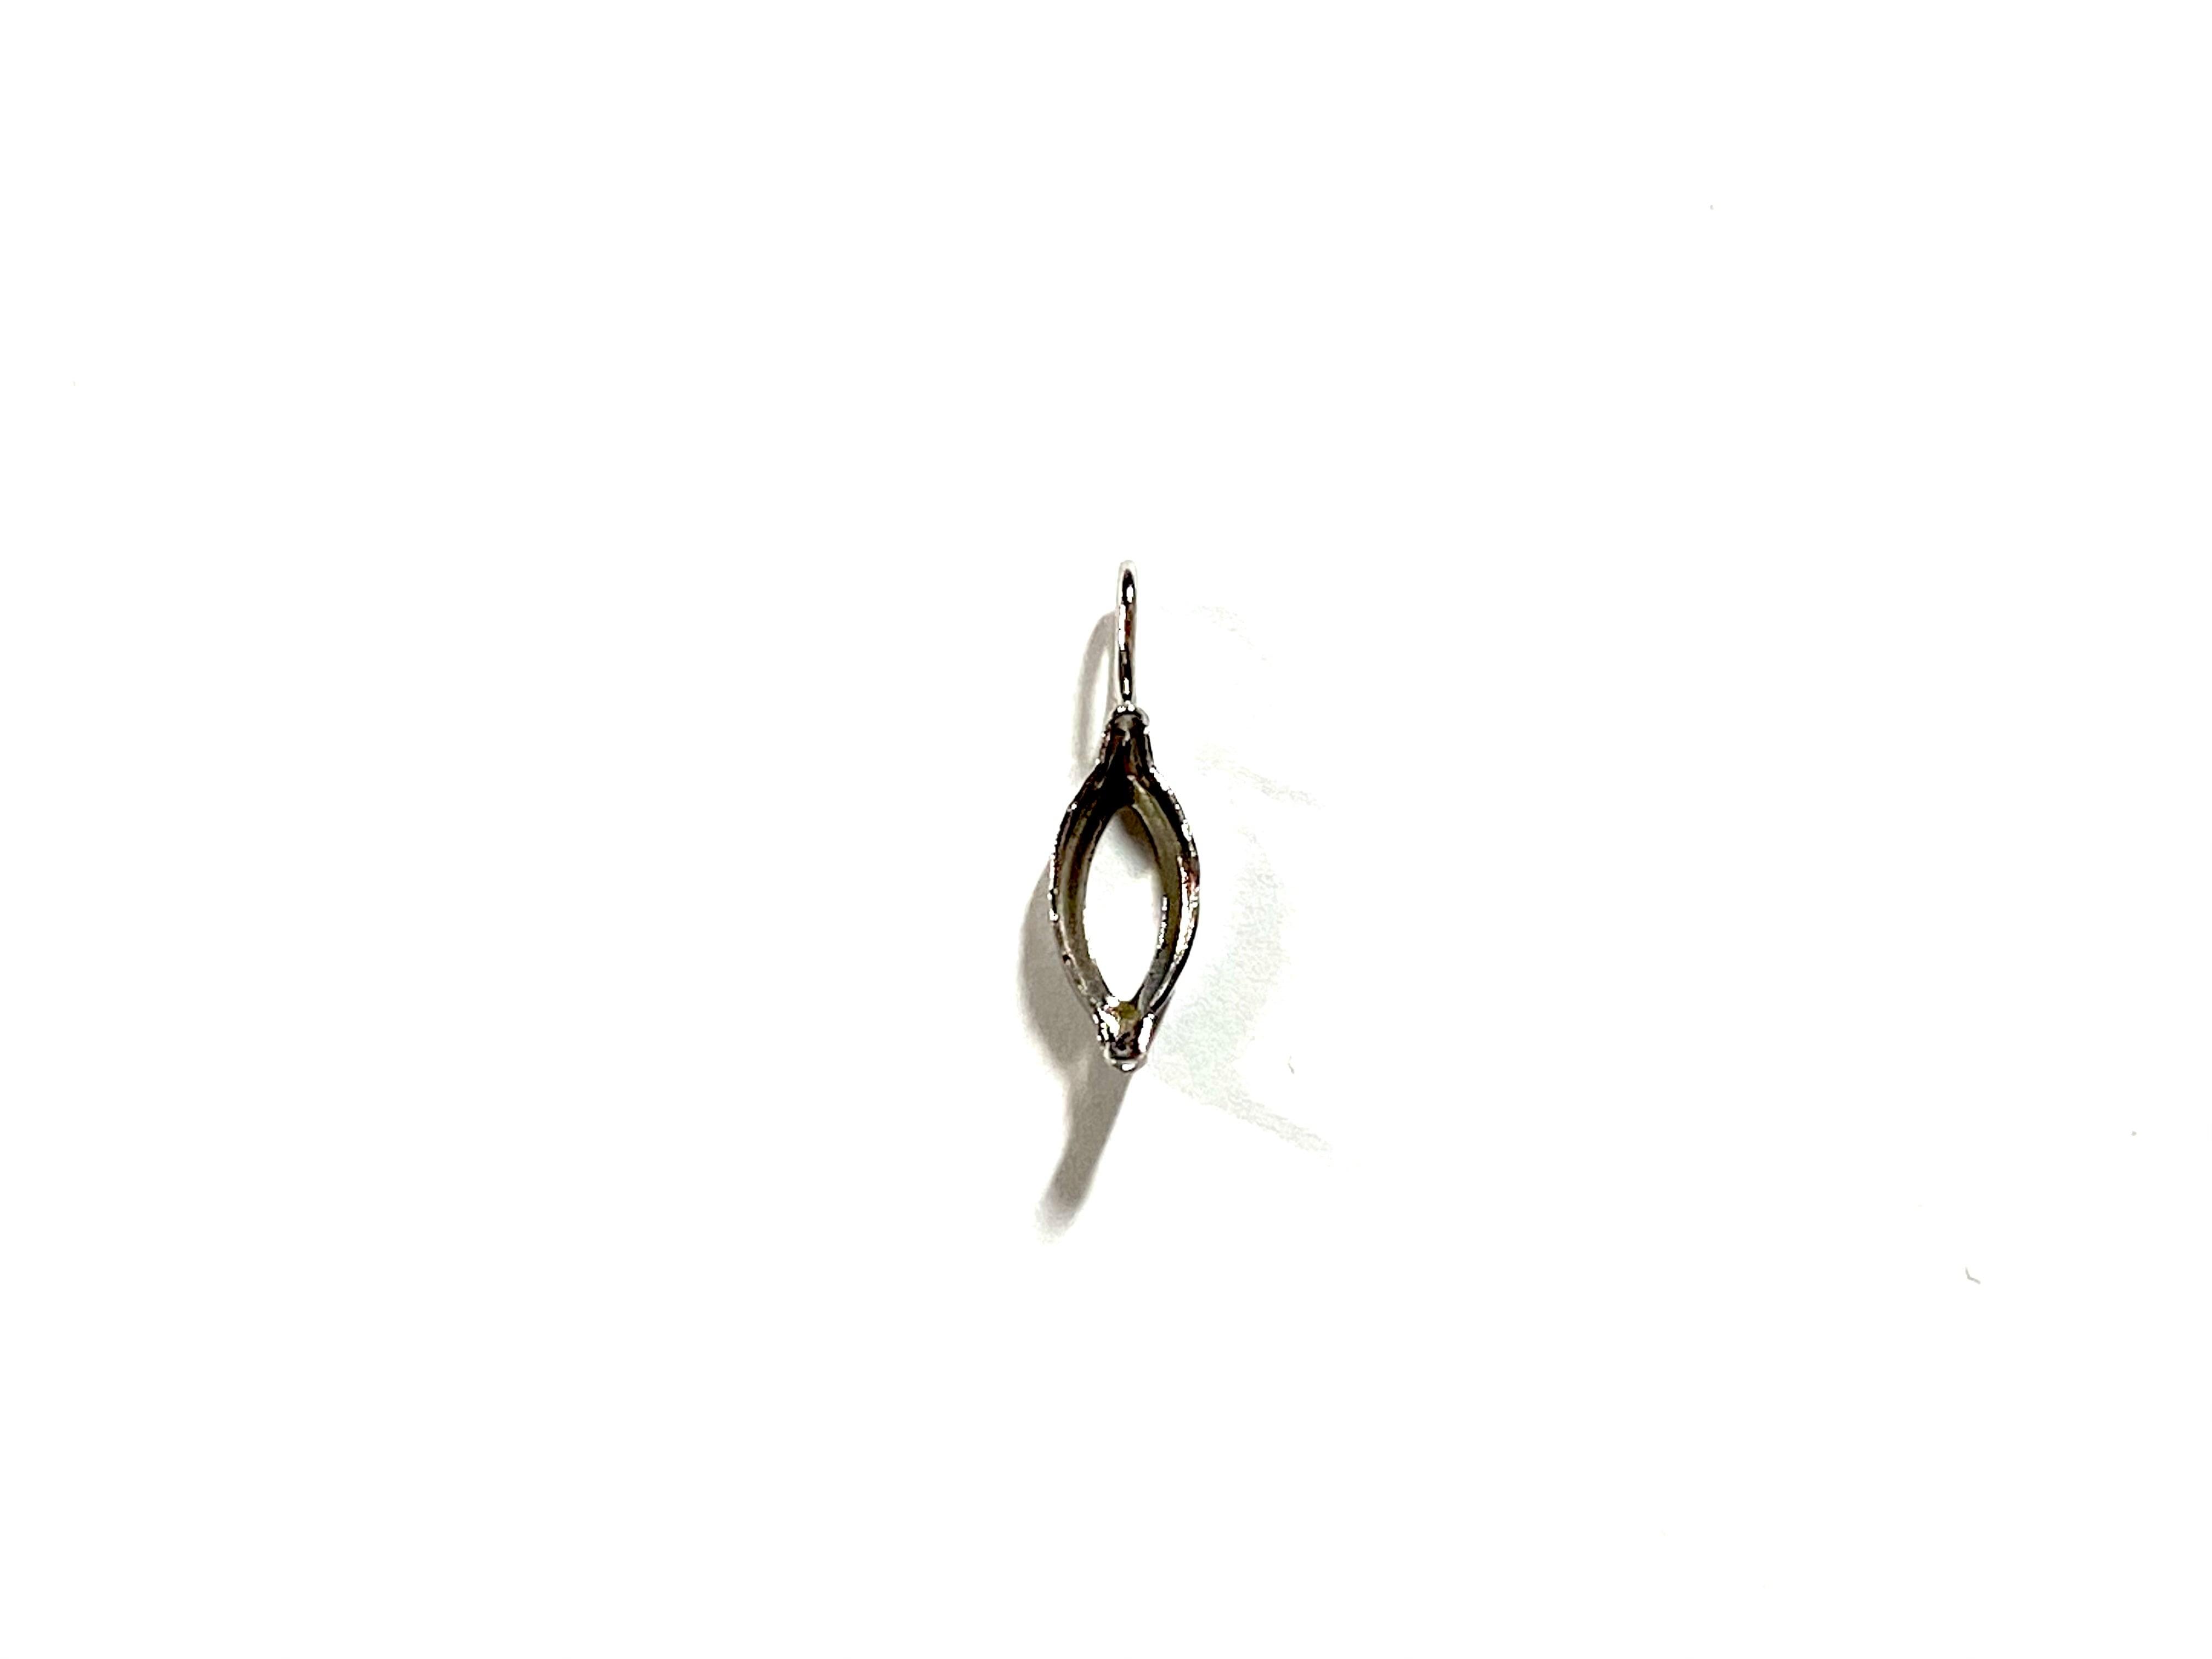 【K10WG】『タテ5mm ヨコ2.5mm 』マーキース対応空枠 [空枠No,27]